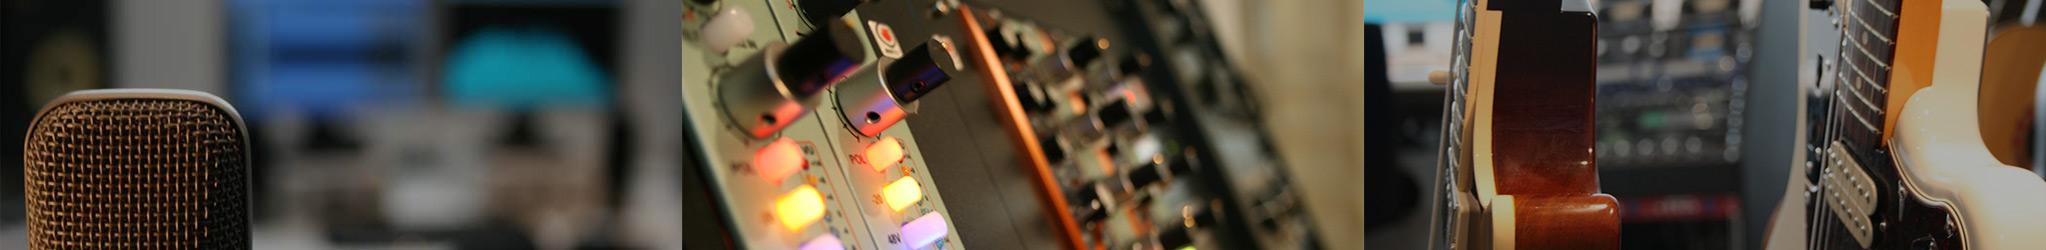 Slider-Soundfabrik-preise-2